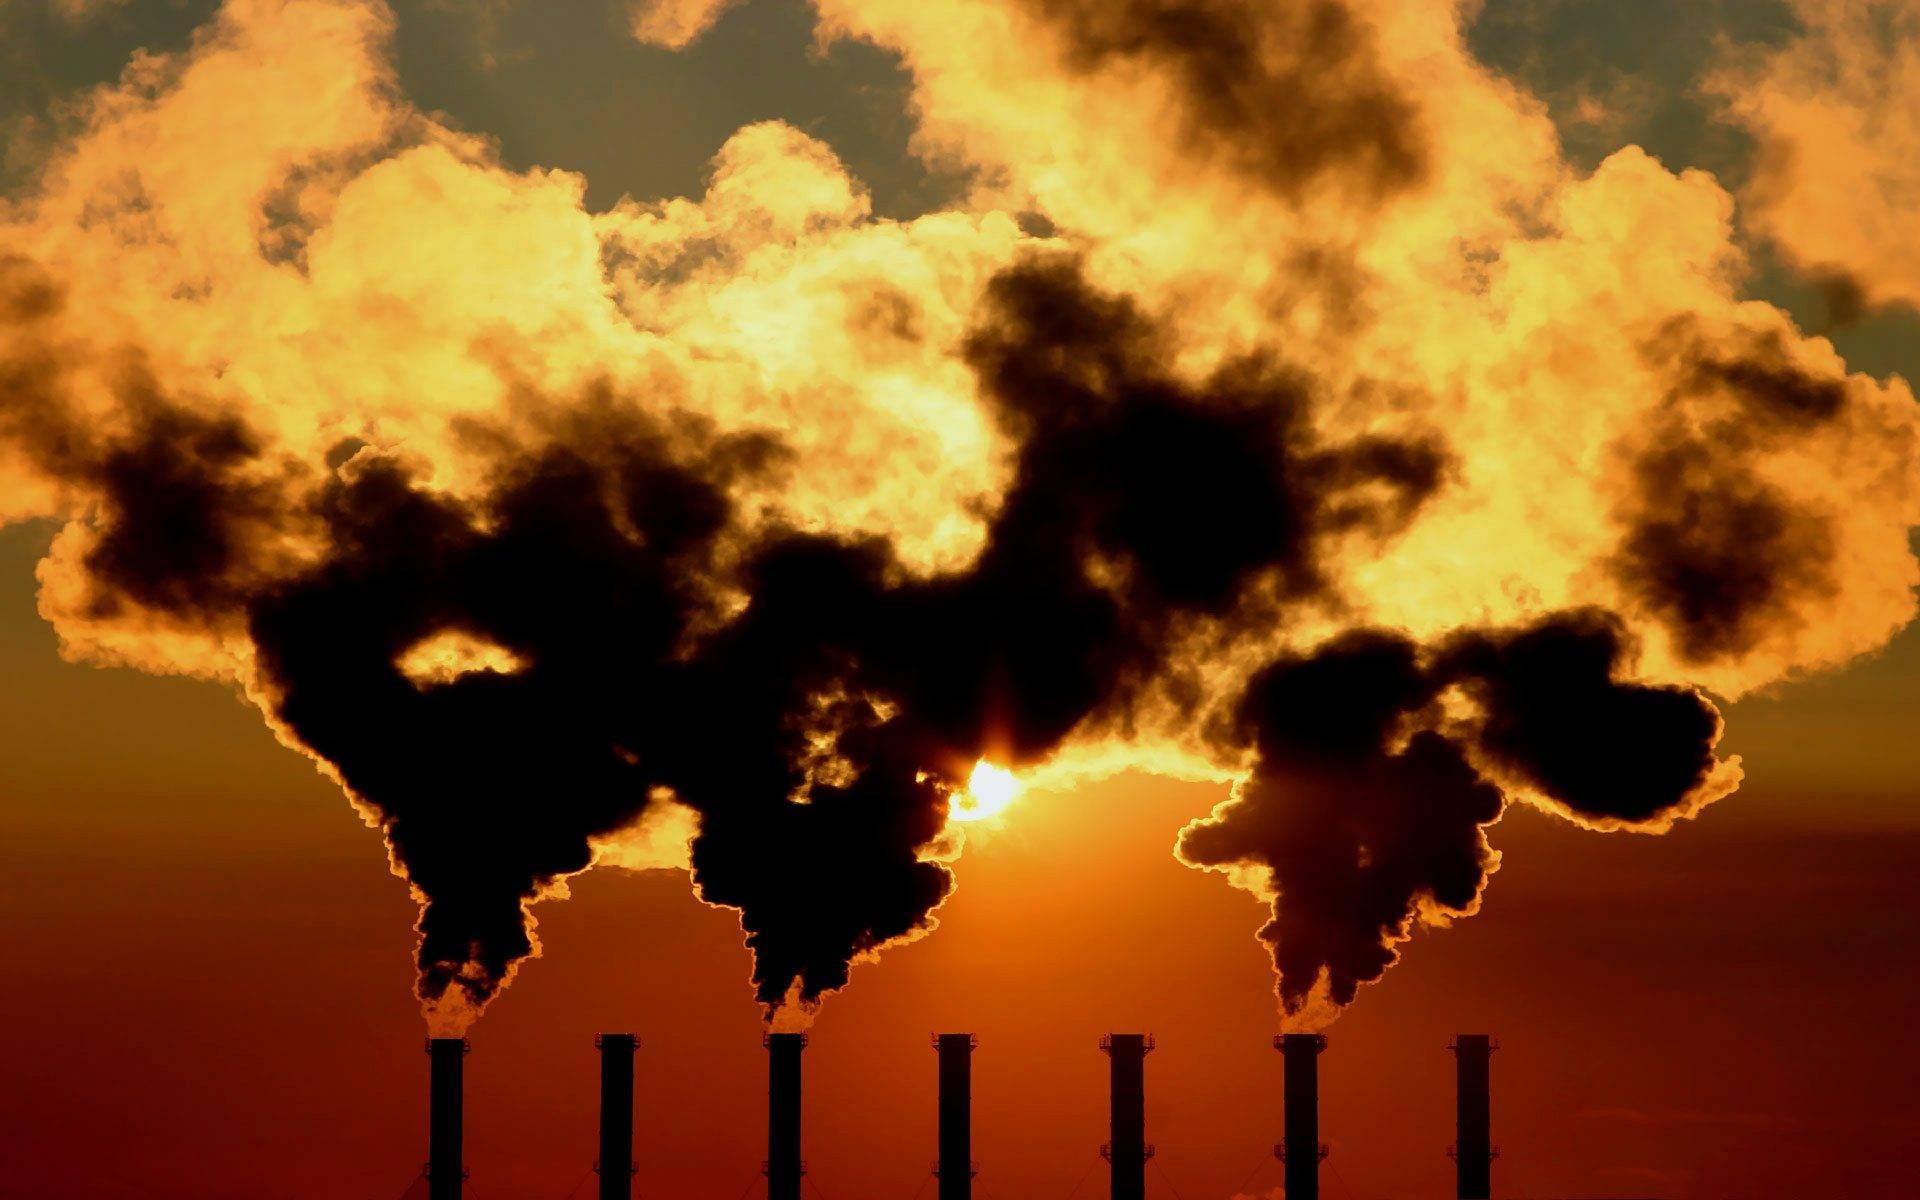 地球正进入第六次大灭绝时代?科学家:前所未有的危机或将到来  第10张